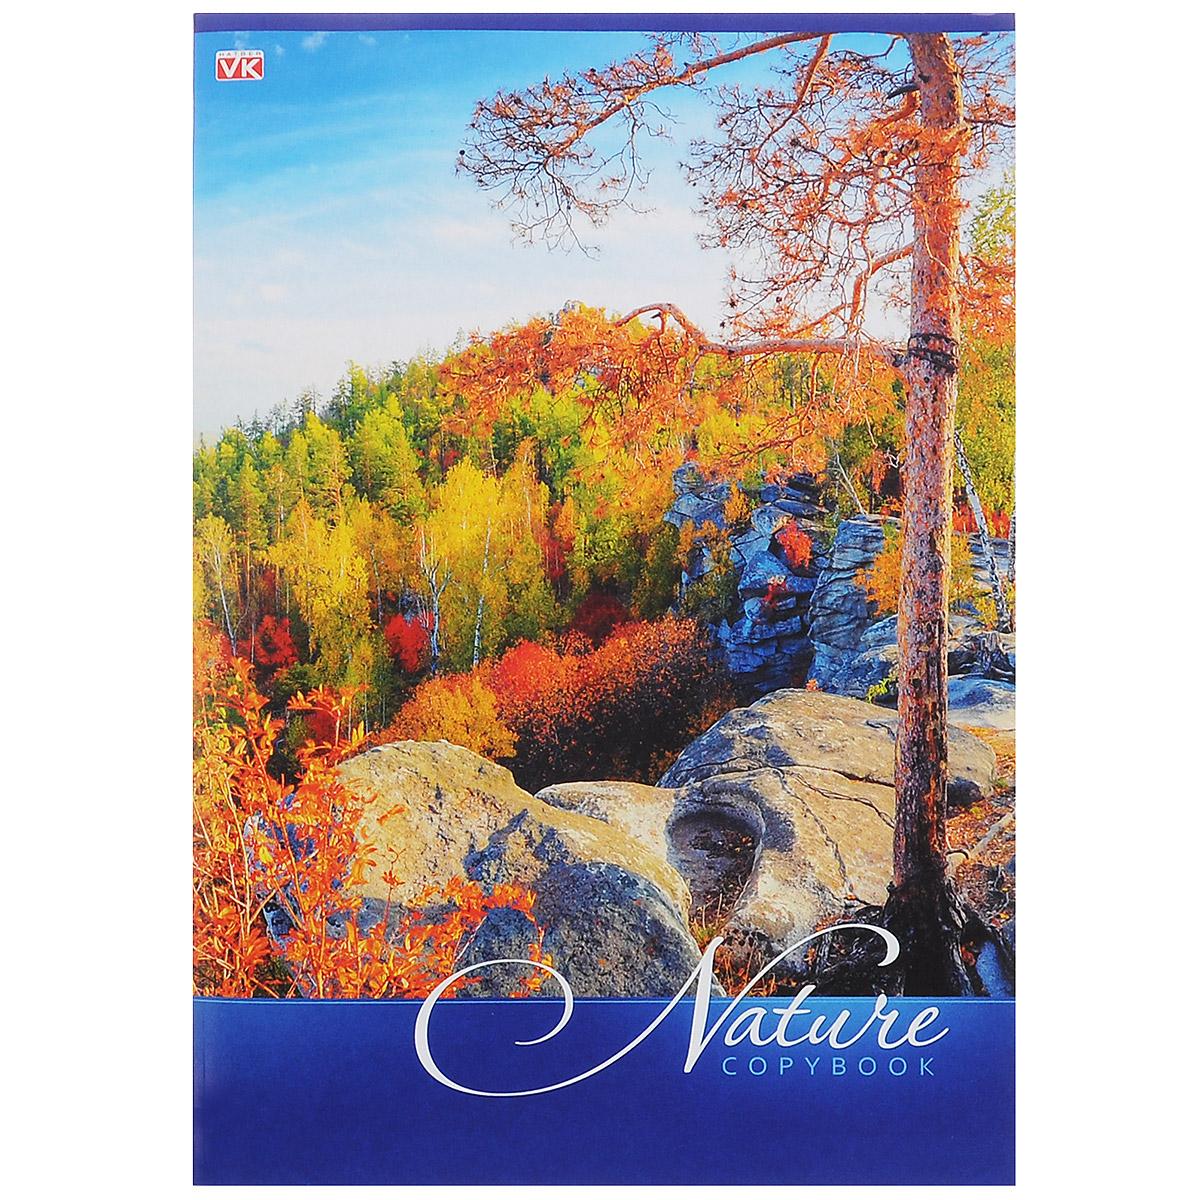 Hatber Тетрадь в клетку Nature, 80 листов, цвет: синий, оранжевый, формат А480Т4C3_10213Тетрадь Hatber Nature предназначена для объемных записей и незаменима для старшеклассников и студентов.Обложка тетради выполнена из мелованного картона с изображением горных вершин осенних деревьев. Внутренний блок тетради на гребне состоит из 80 листов белой бумаги с линовкой в клетку синего цвета без полей. Листы тетради соединены скобами.